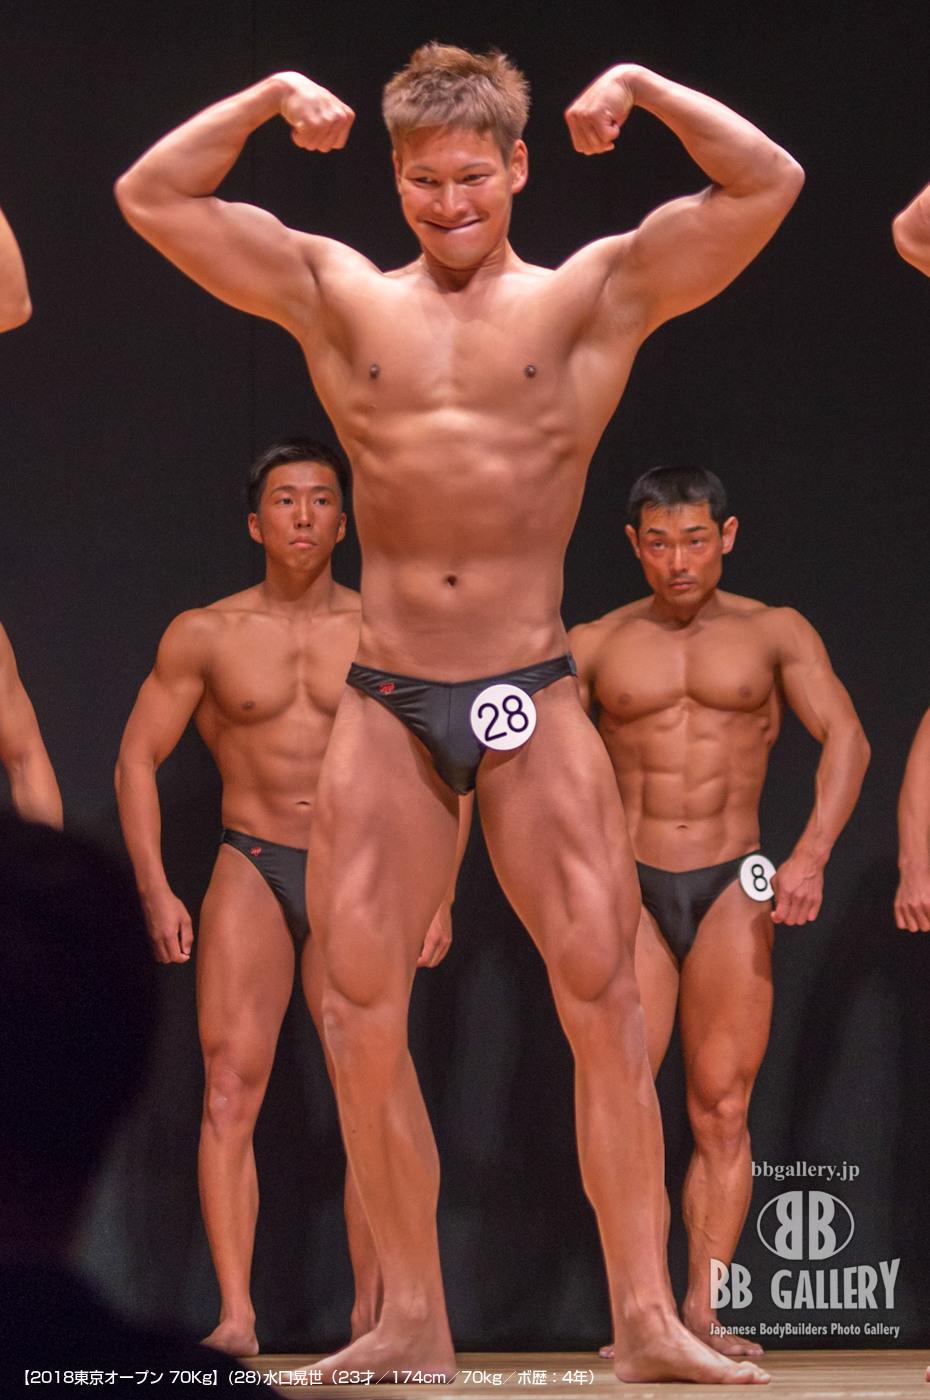 【2018東京オープン 70Kg】(28)水口晃世(23才/174cm/70kg/ボ歴:4年)